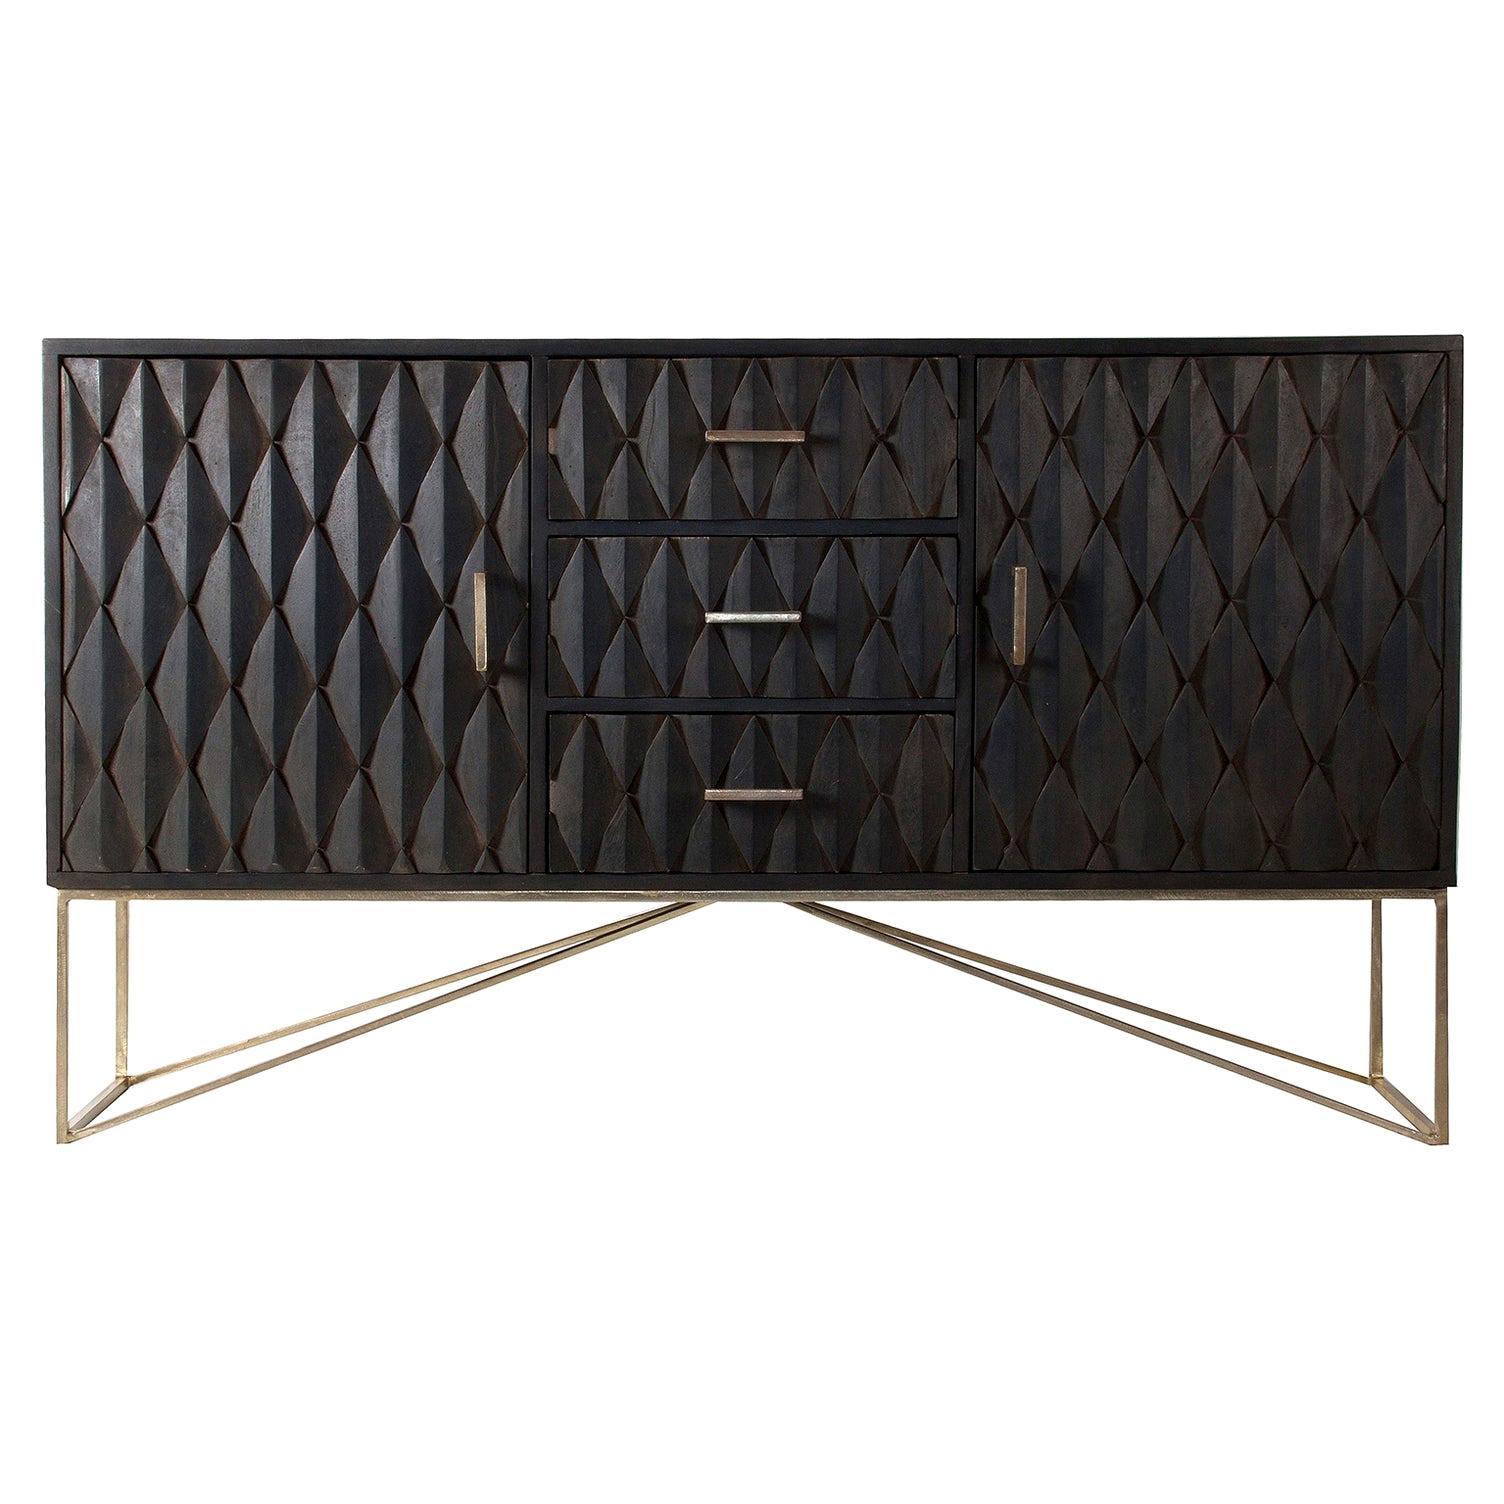 Brutalist Design Wooden and Gilded Metal Sideboard Cabinet